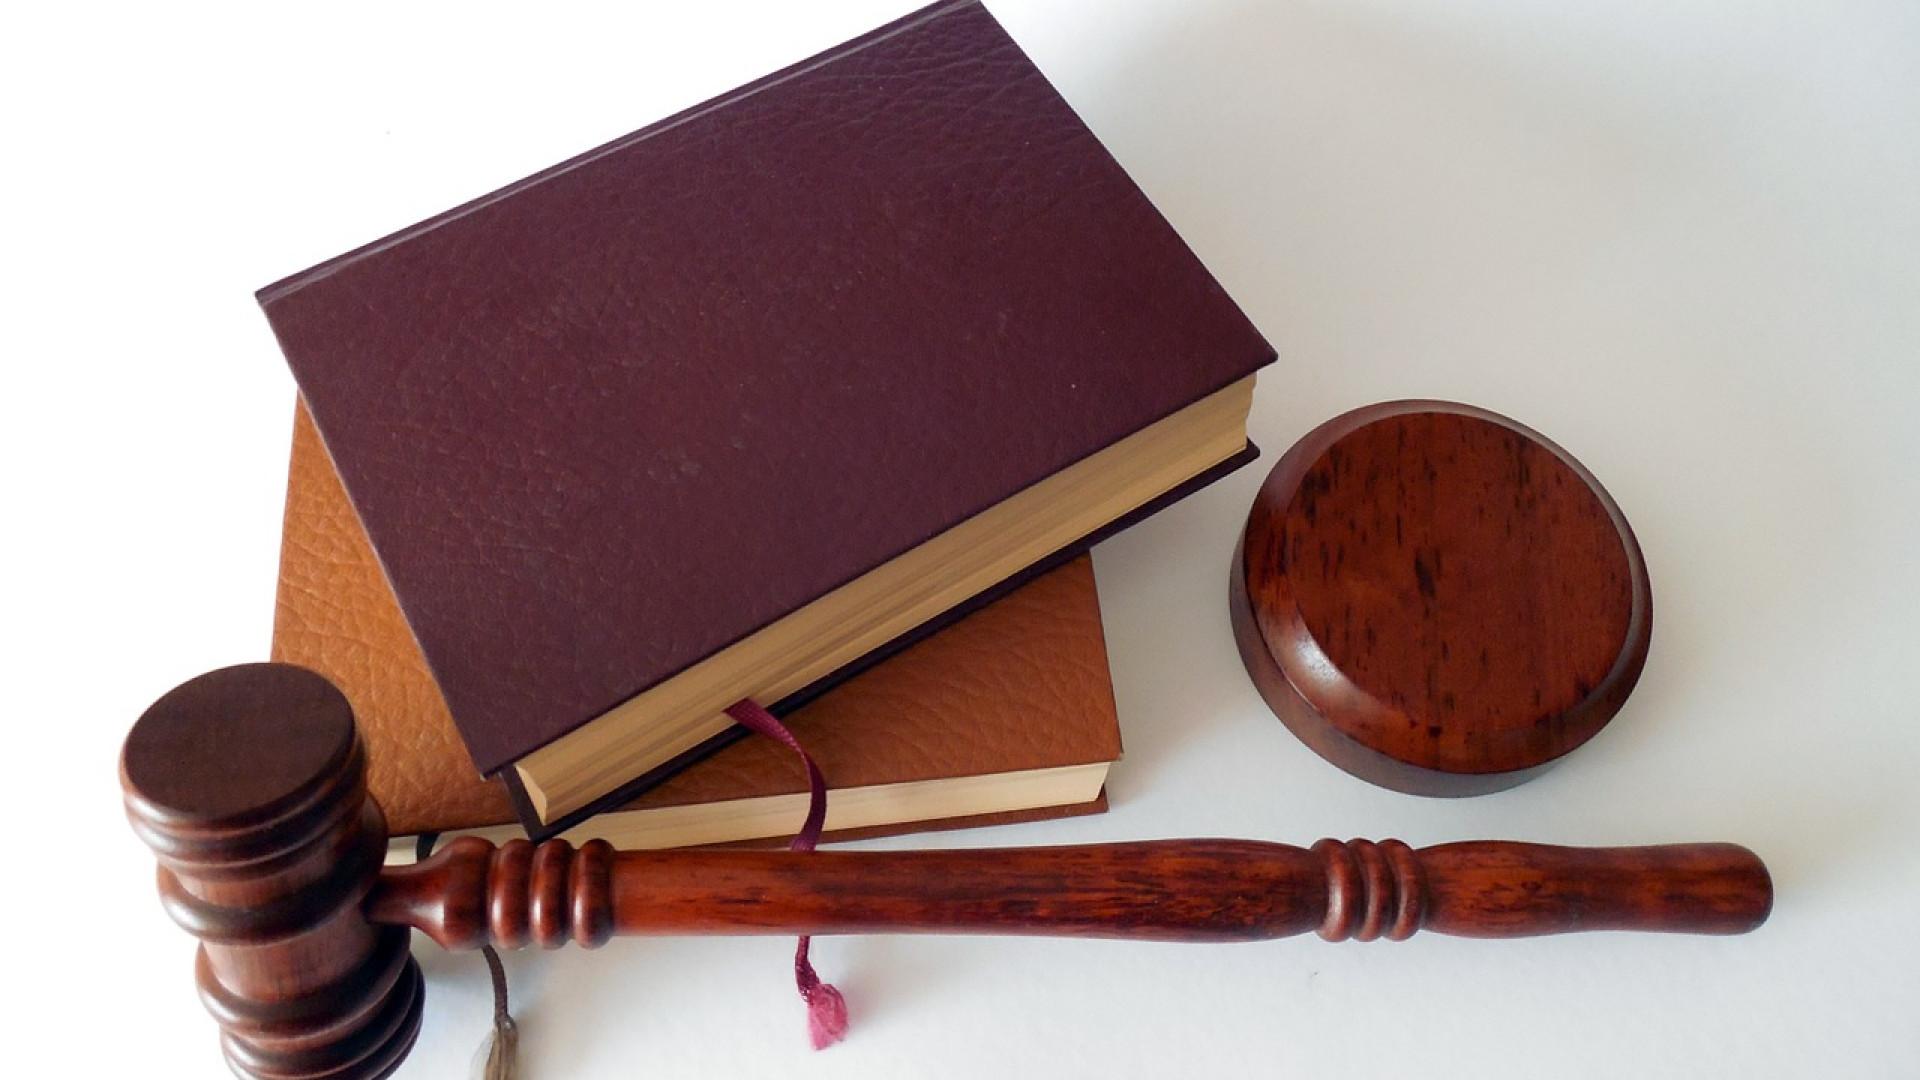 Dans quels cas faut-il faire appel à un avocat en propriété intellectuelle ?